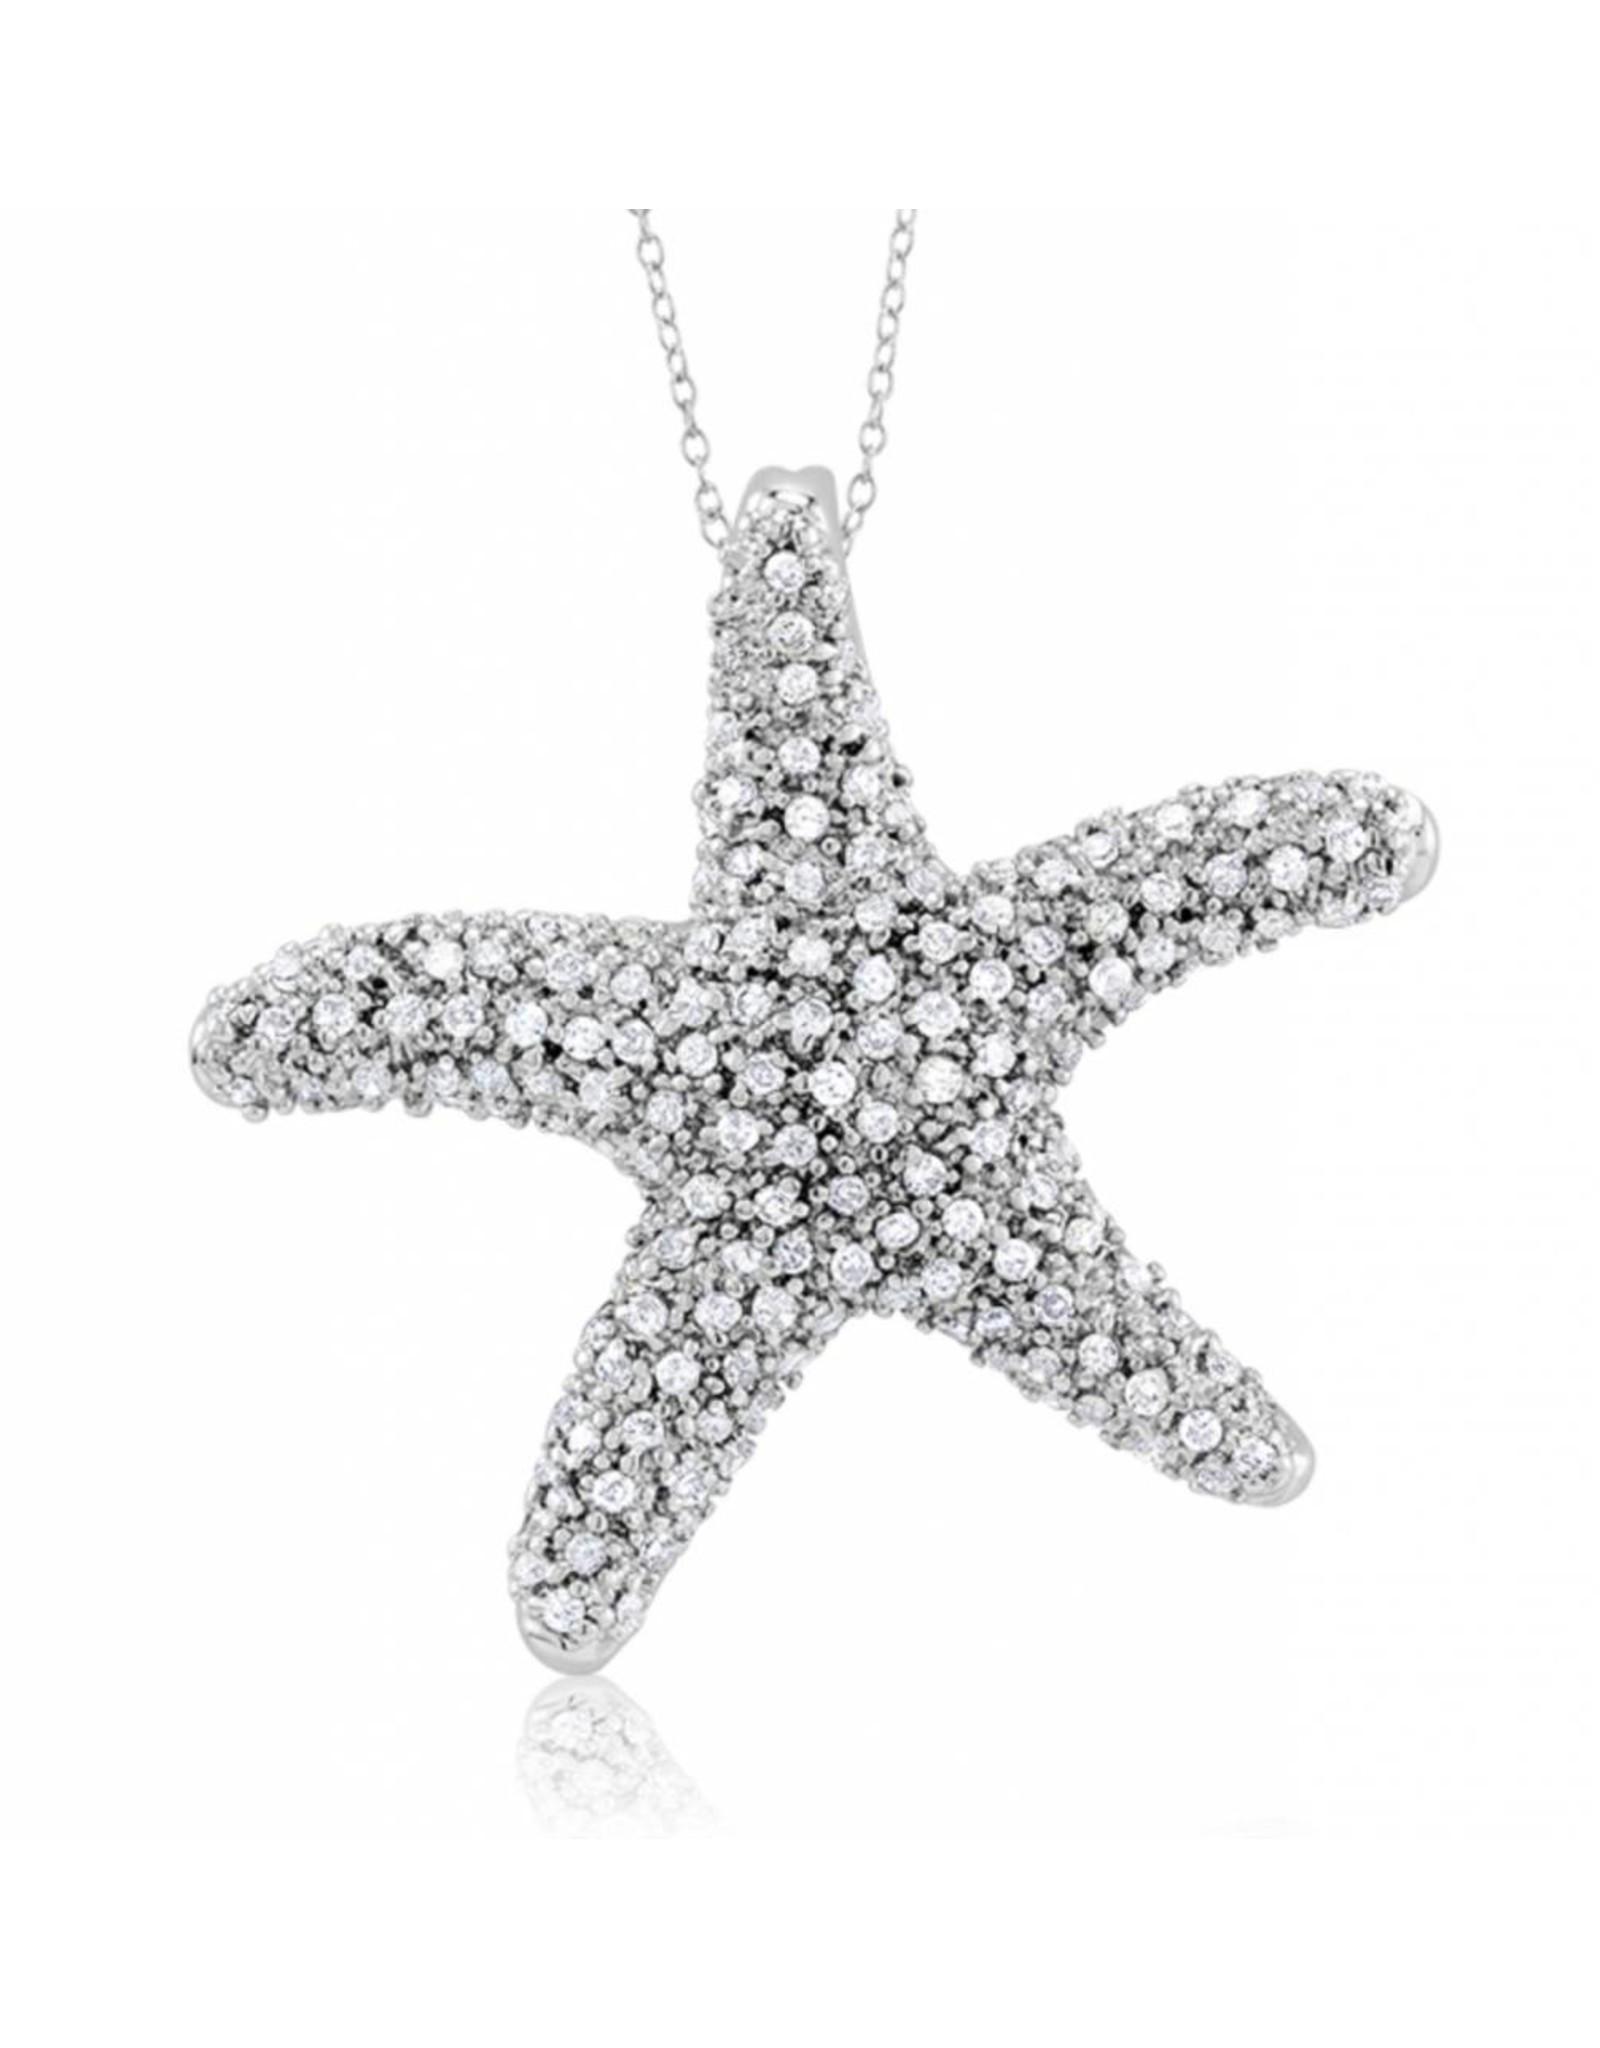 Starfish - CZ LG Thick